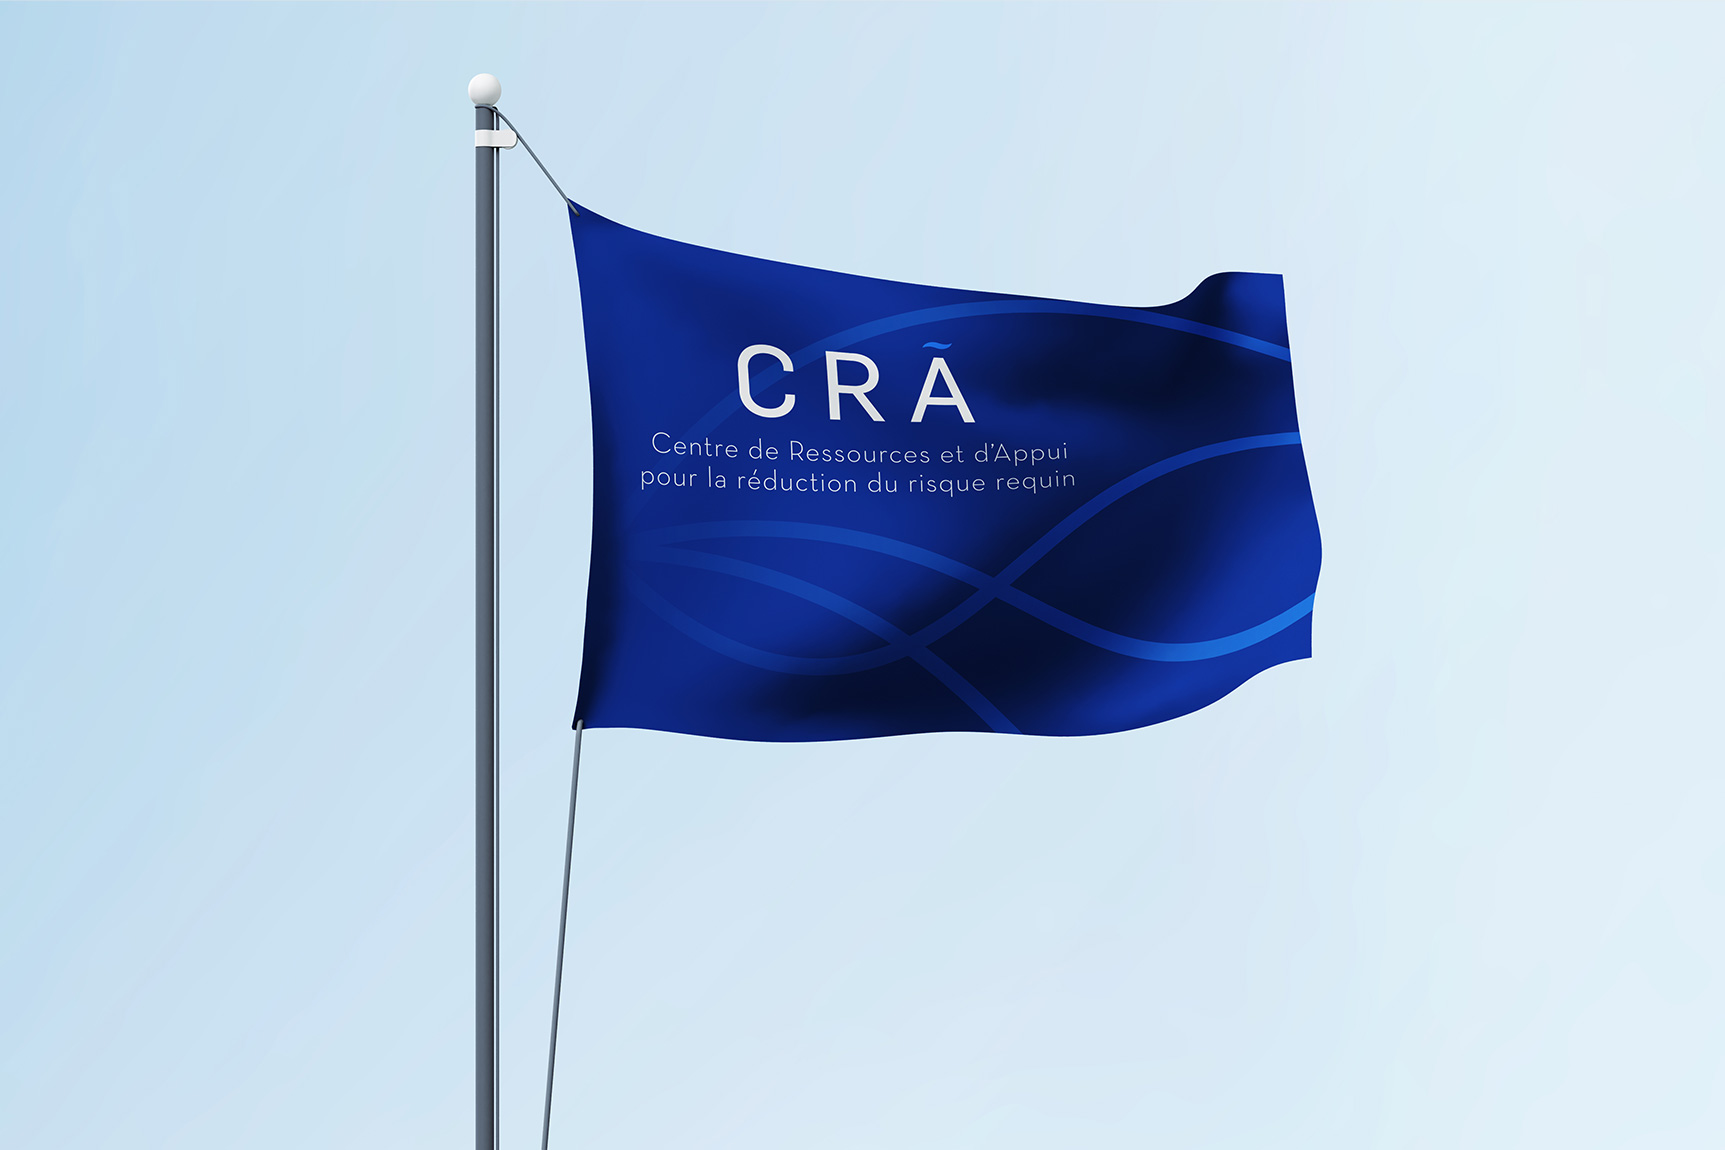 cra-3